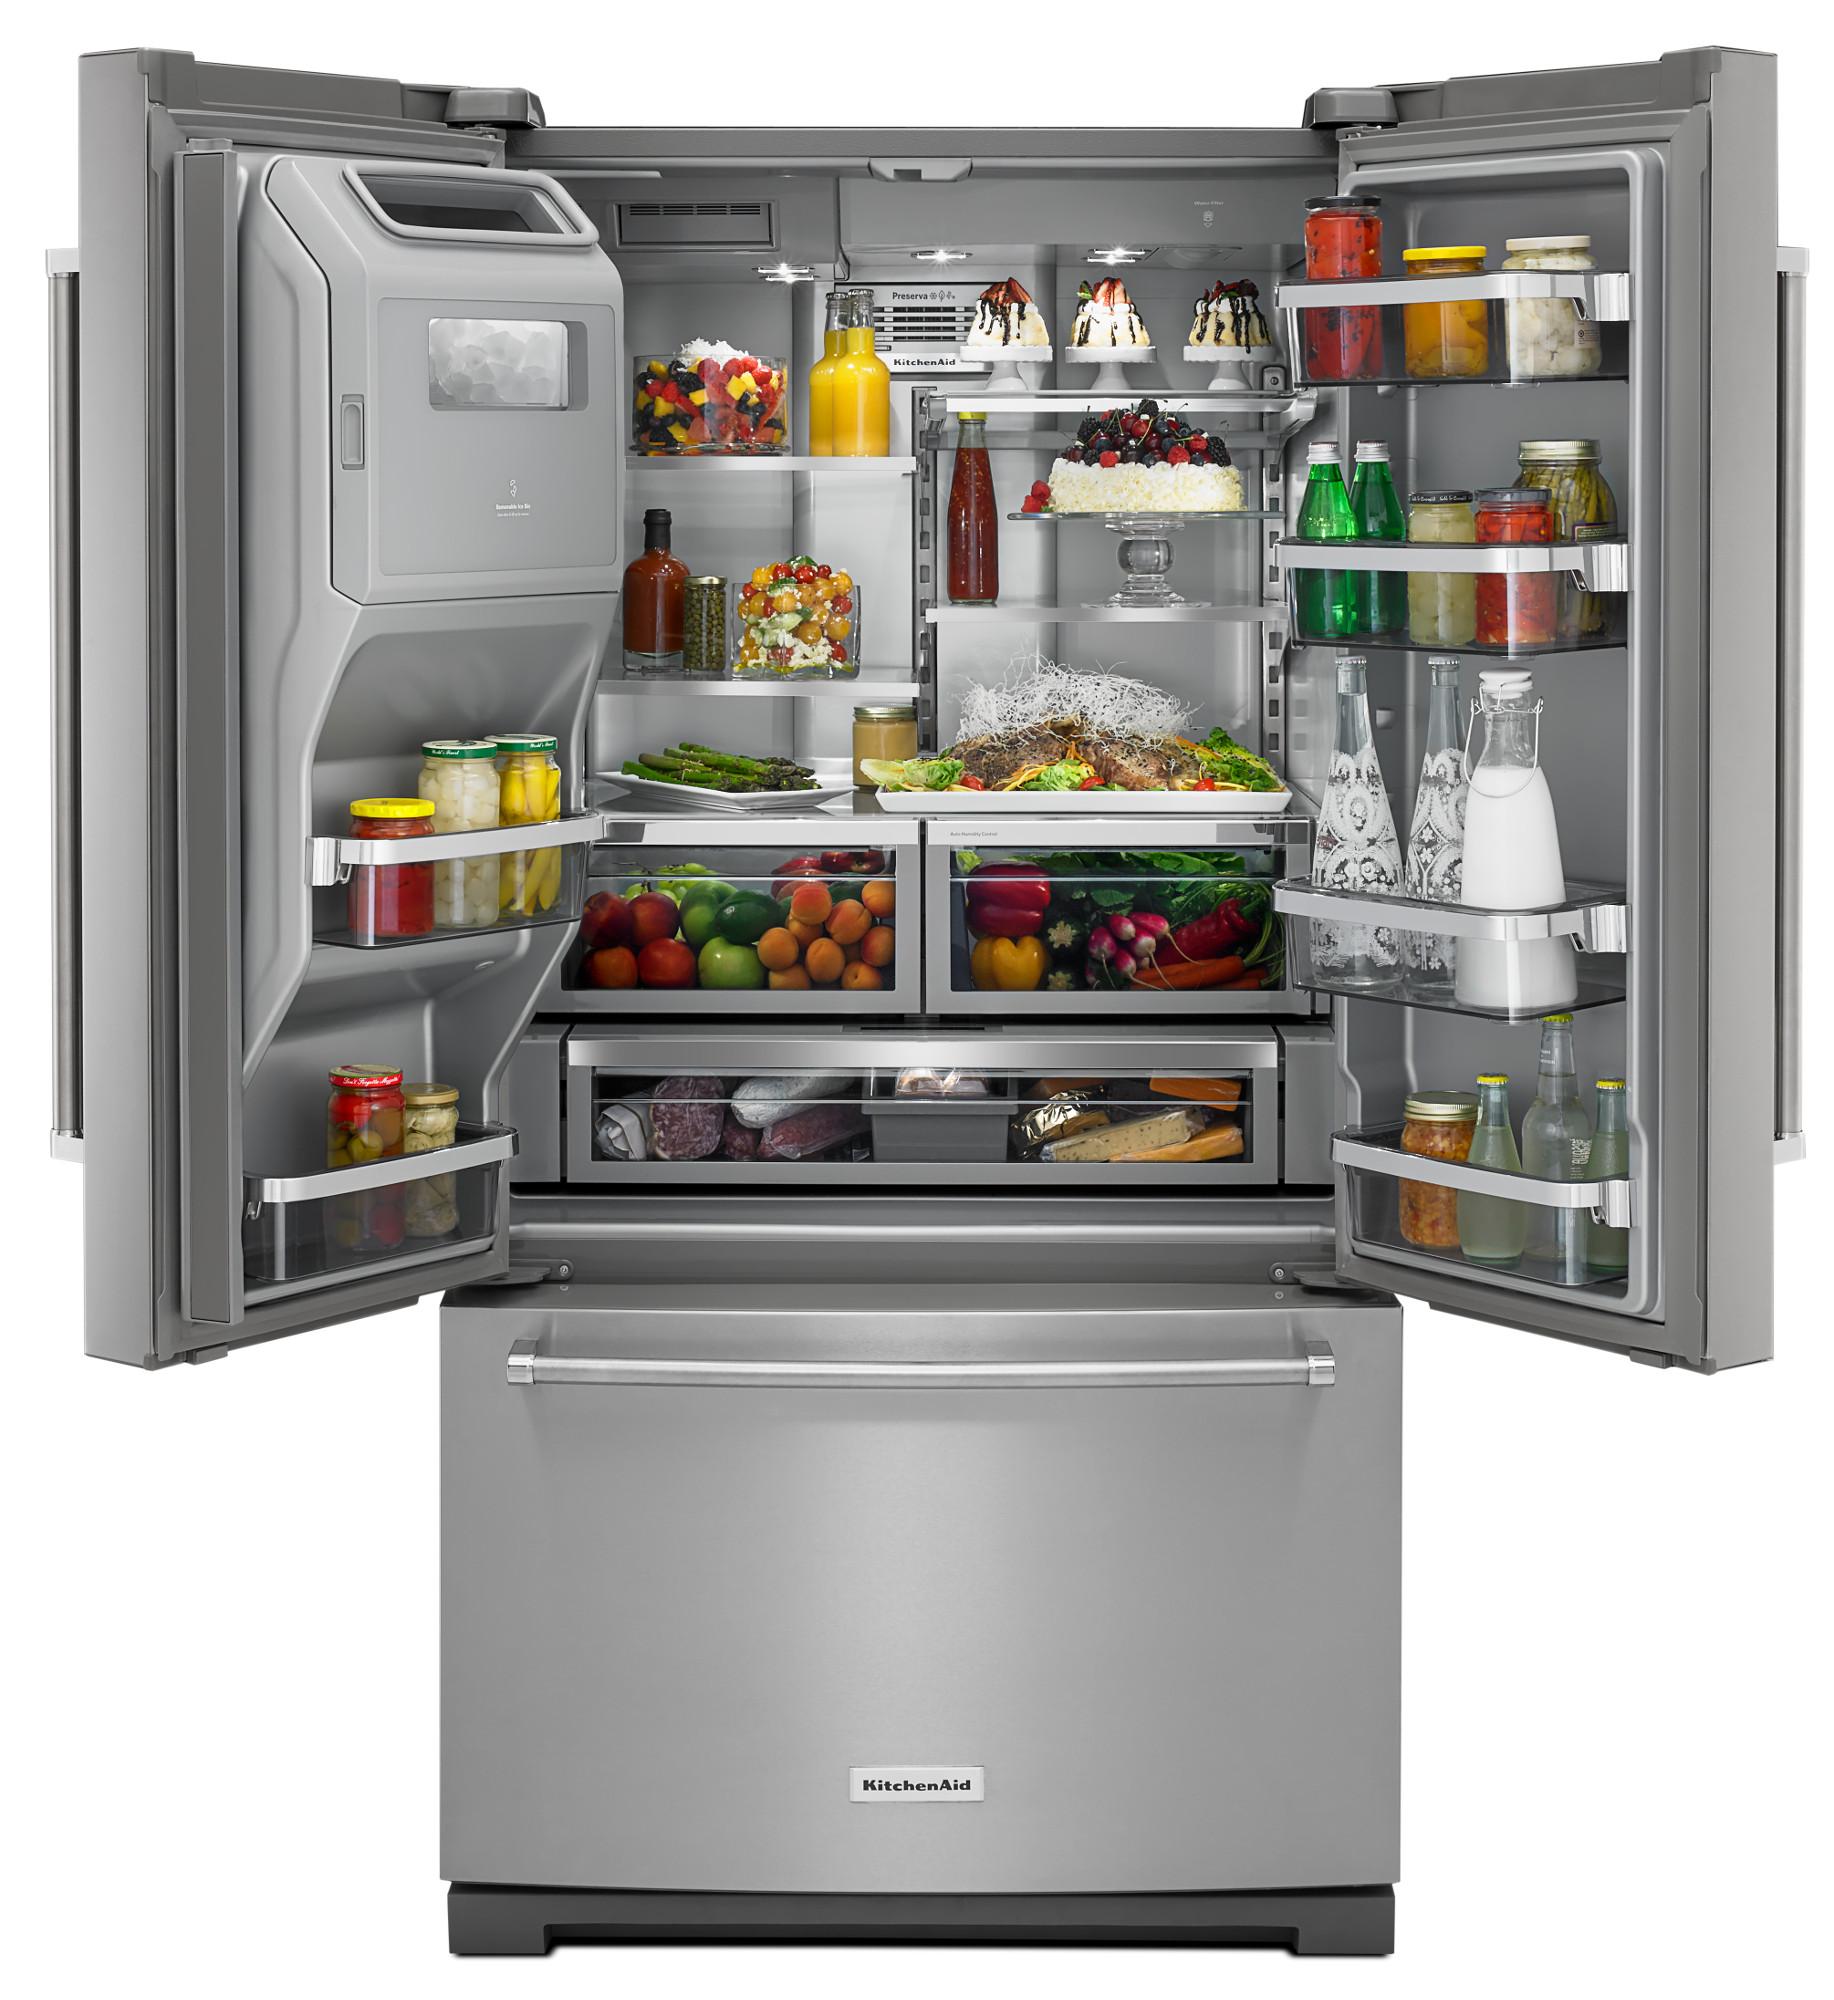 KitchenAid KRFF707ESS 26.8 cu. ft. French Door Refrigerator - Stainless Steel